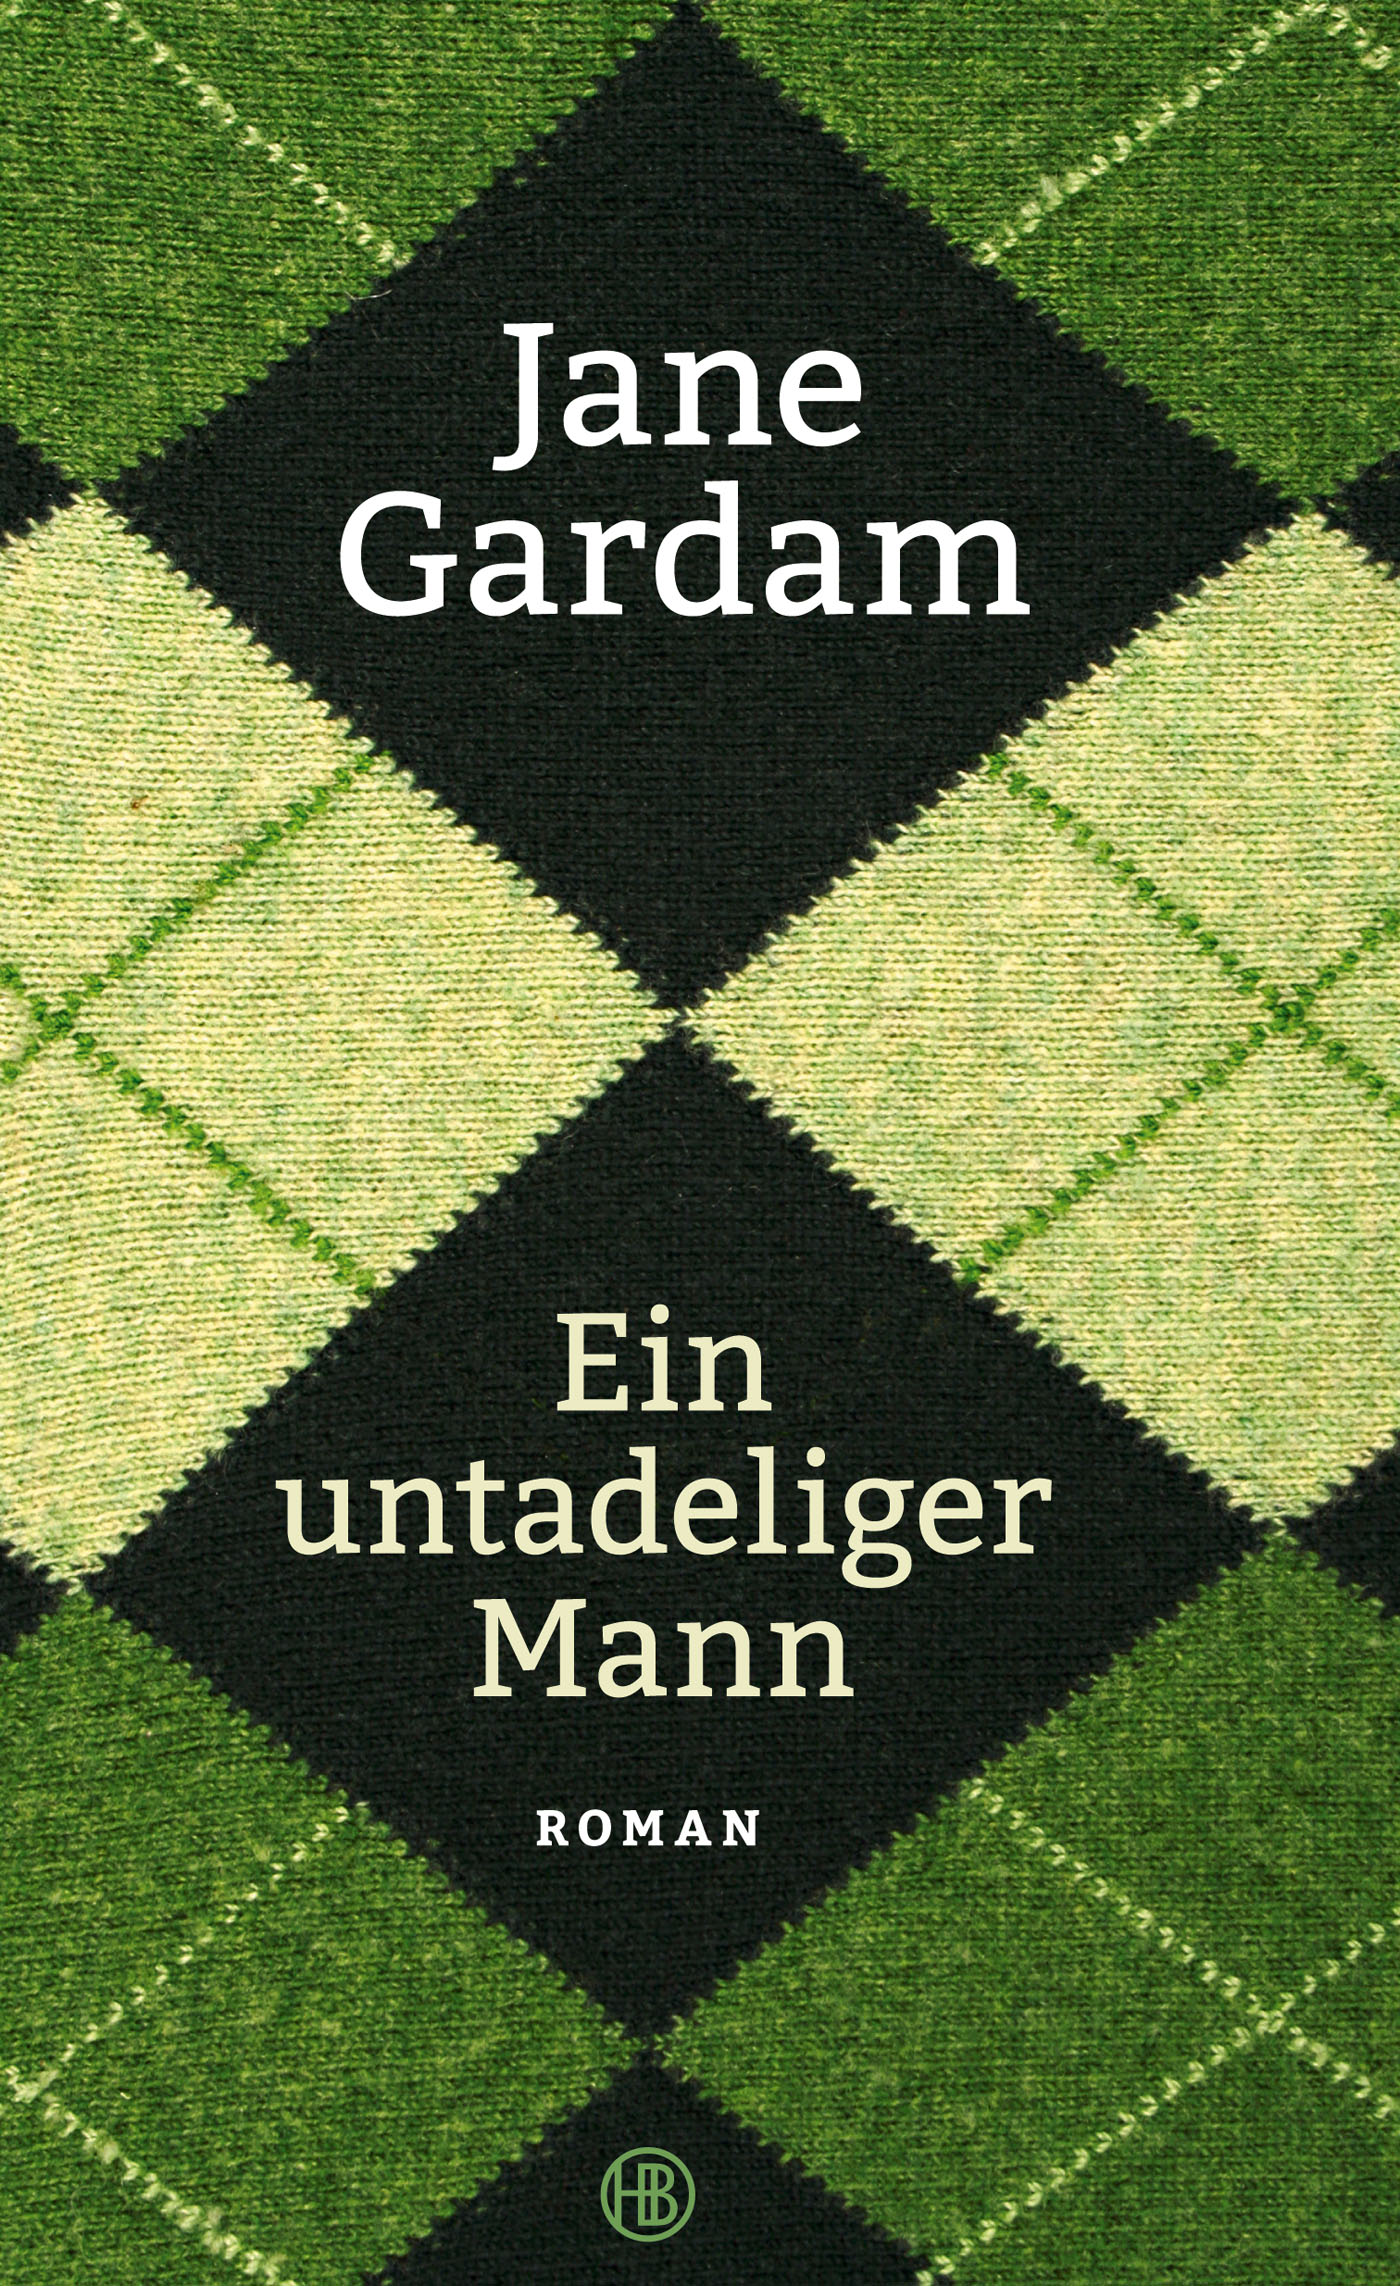 Ein untadeliger Mann - Jane Gardam